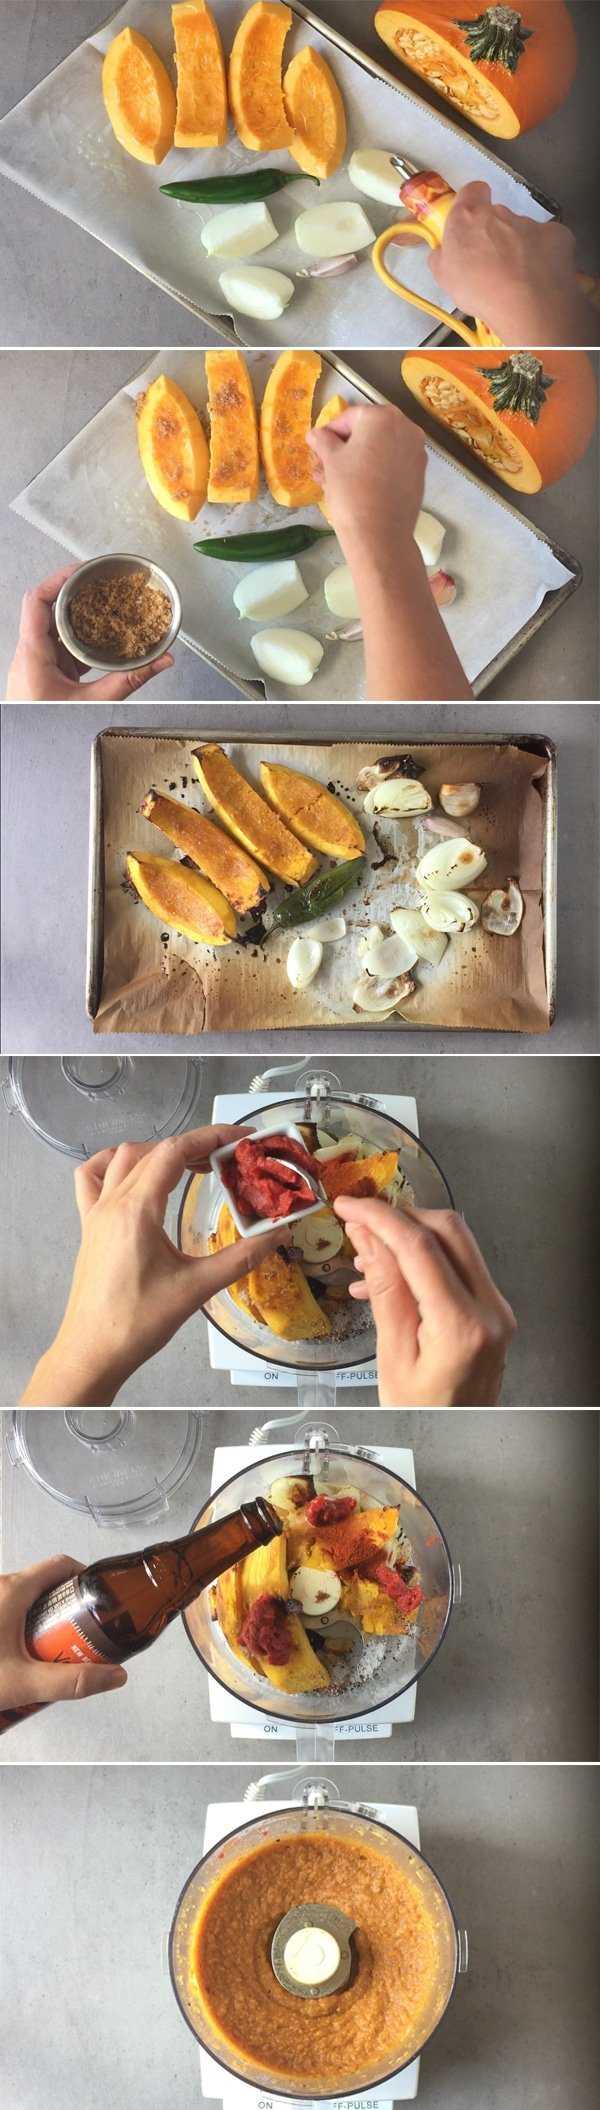 Roasted pumpkin dip step by step actions image grid